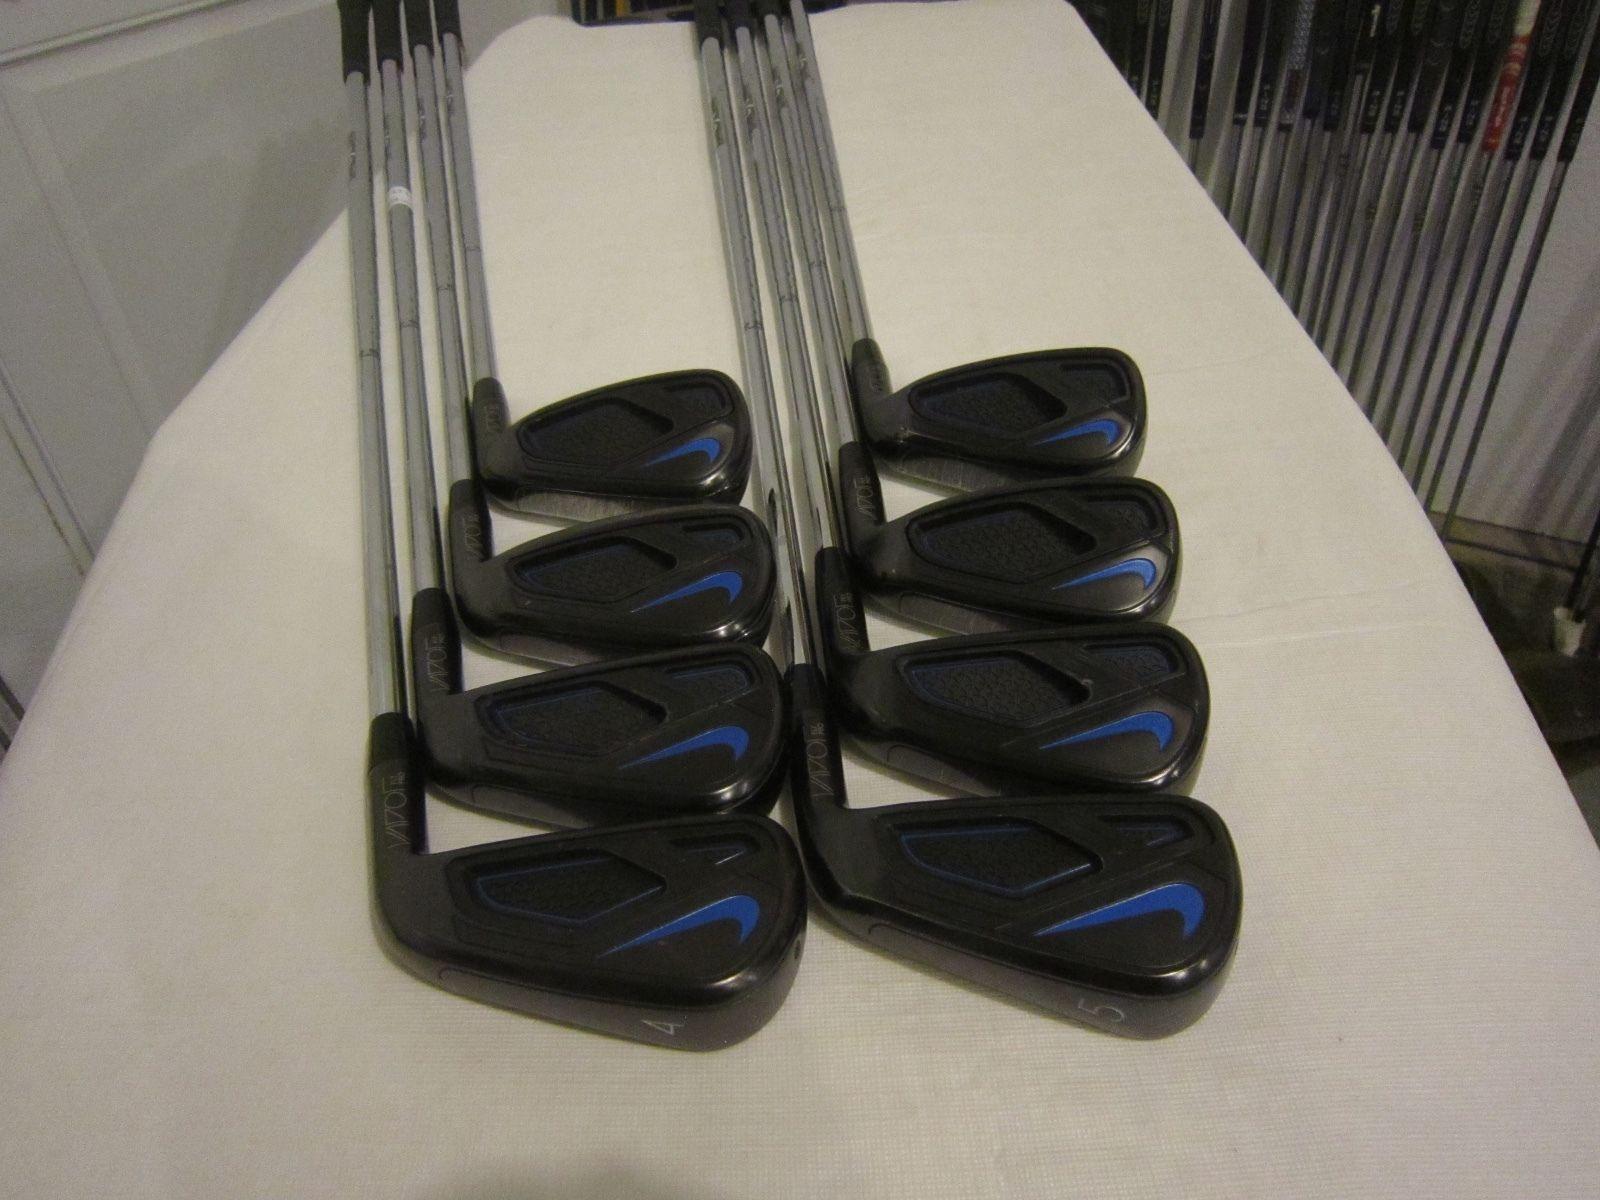 Nike Vapor Fly Pro Iron Set - 4-PW AW - True Temper XP 95 S300 Stiff Flex  Steel aef9e15379a